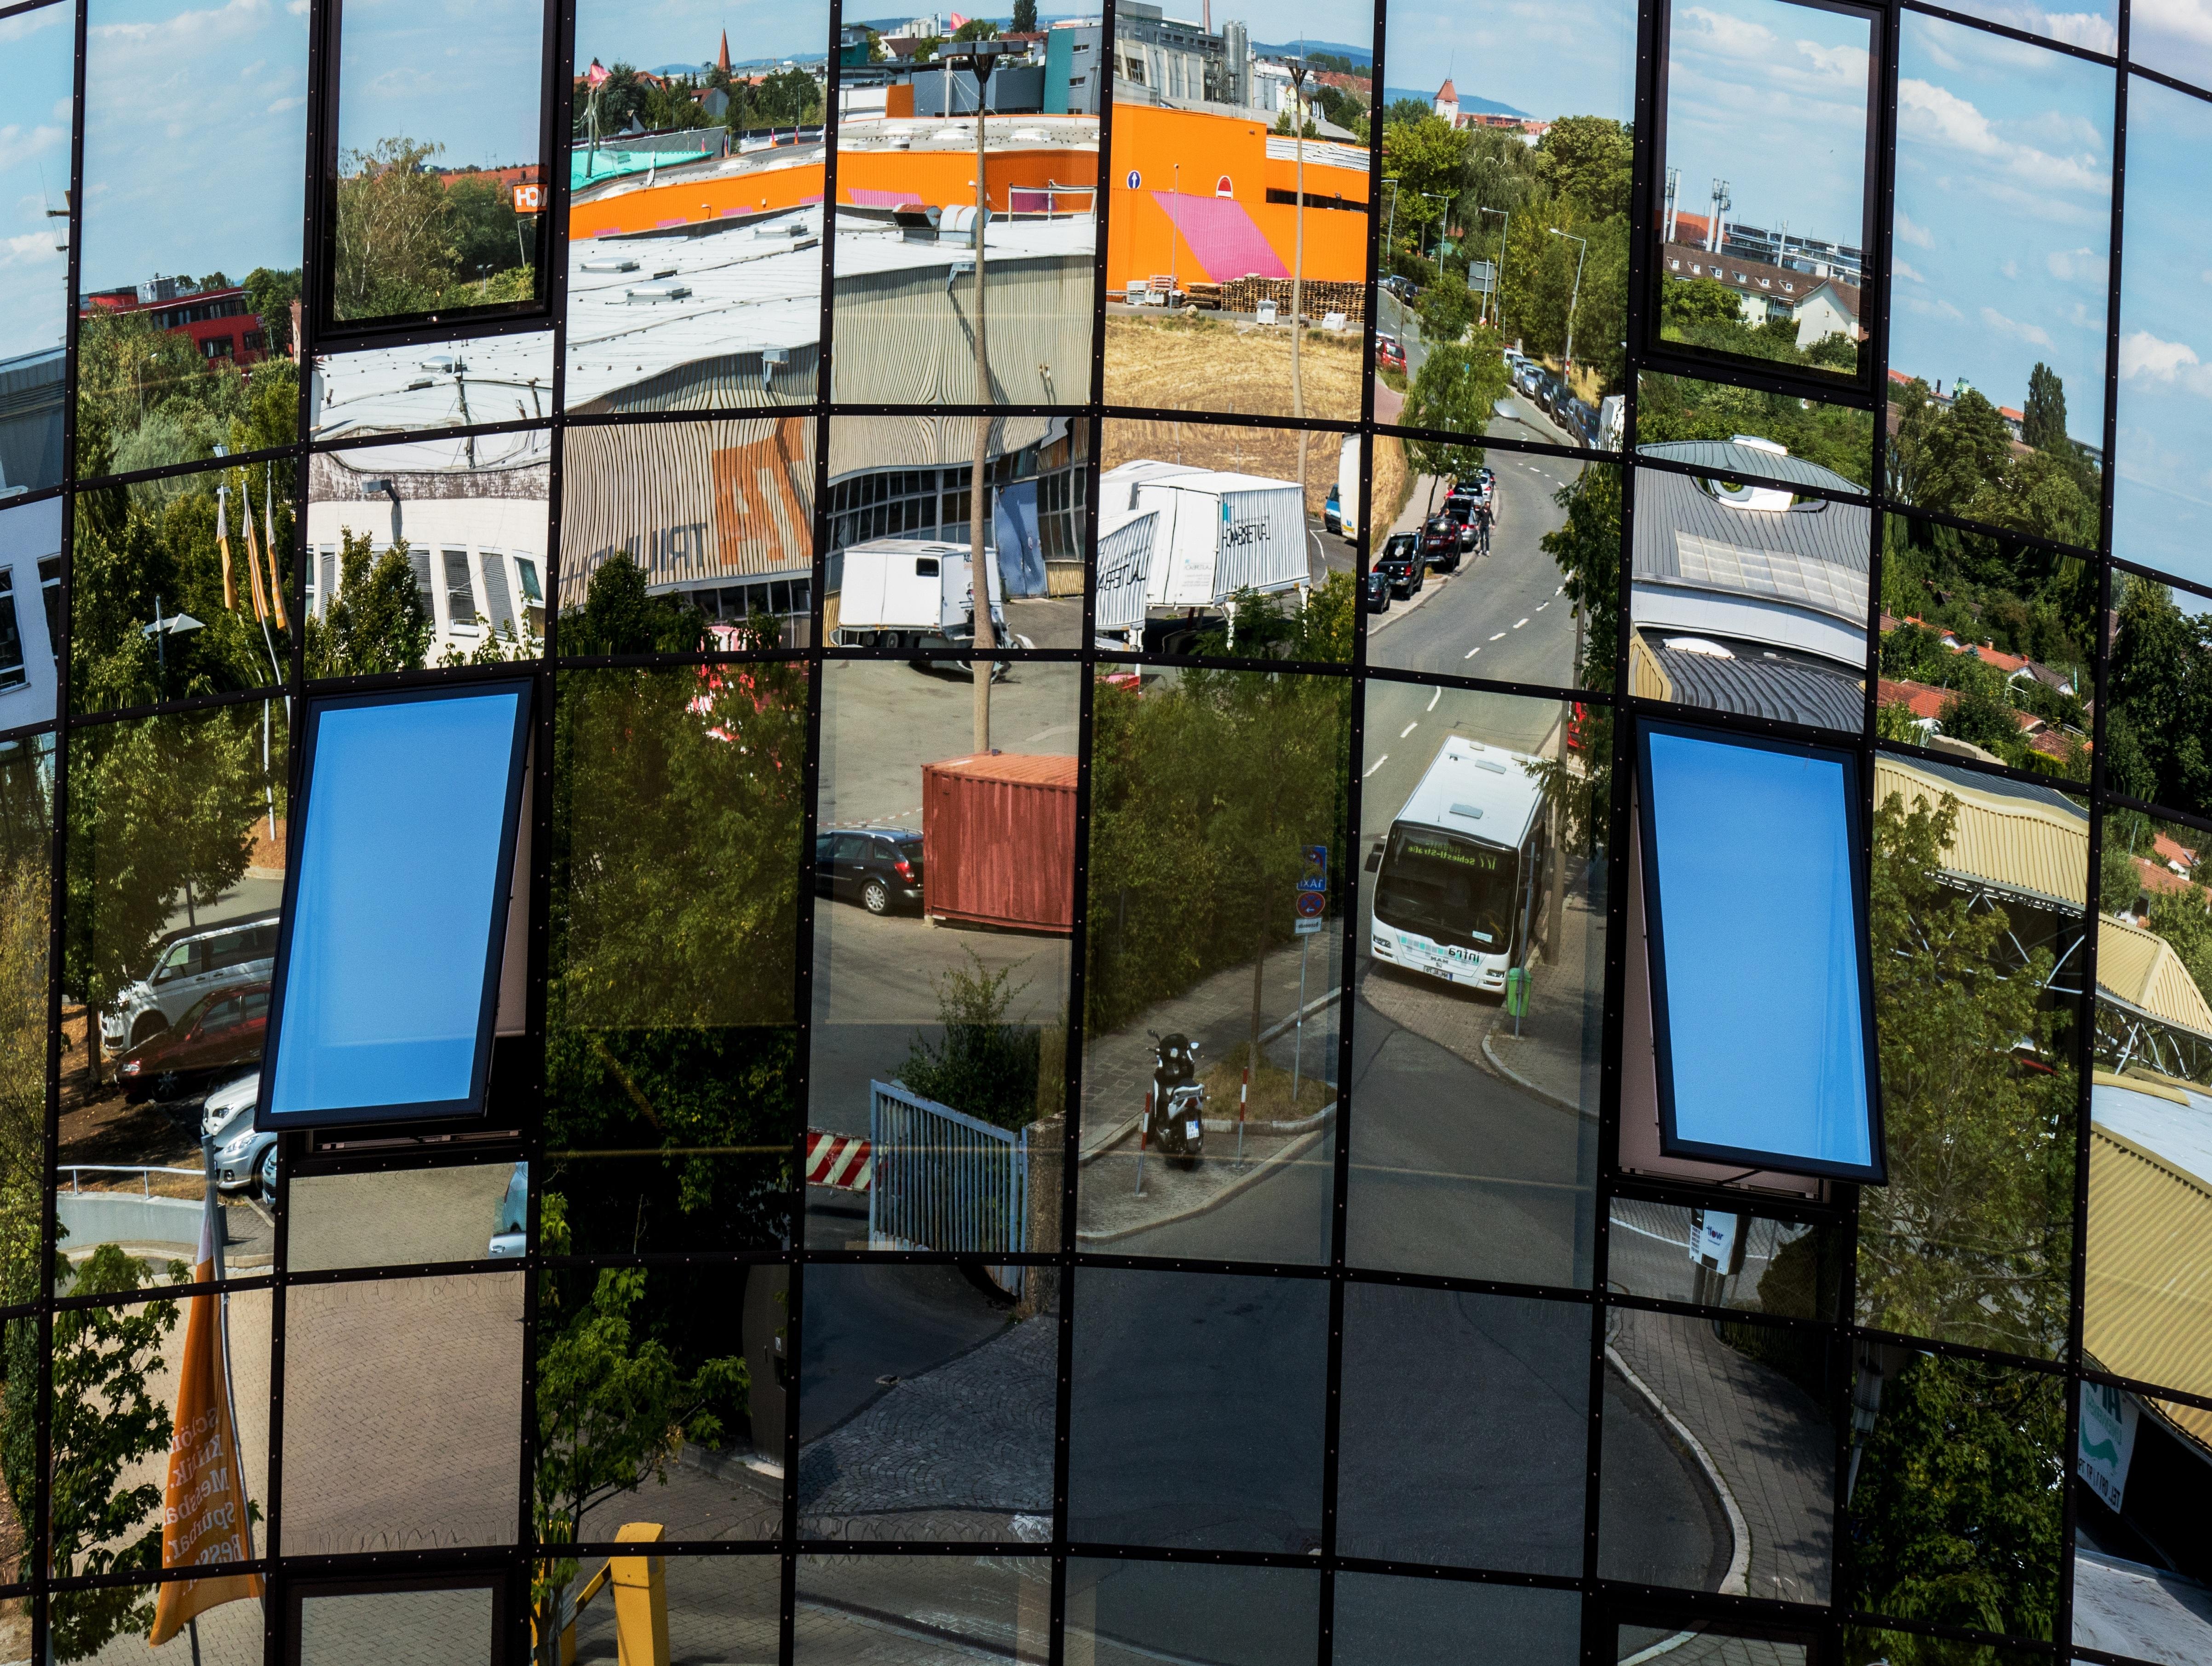 Images Gratuites : architecture, fenêtre, bâtiment, La publicité ...